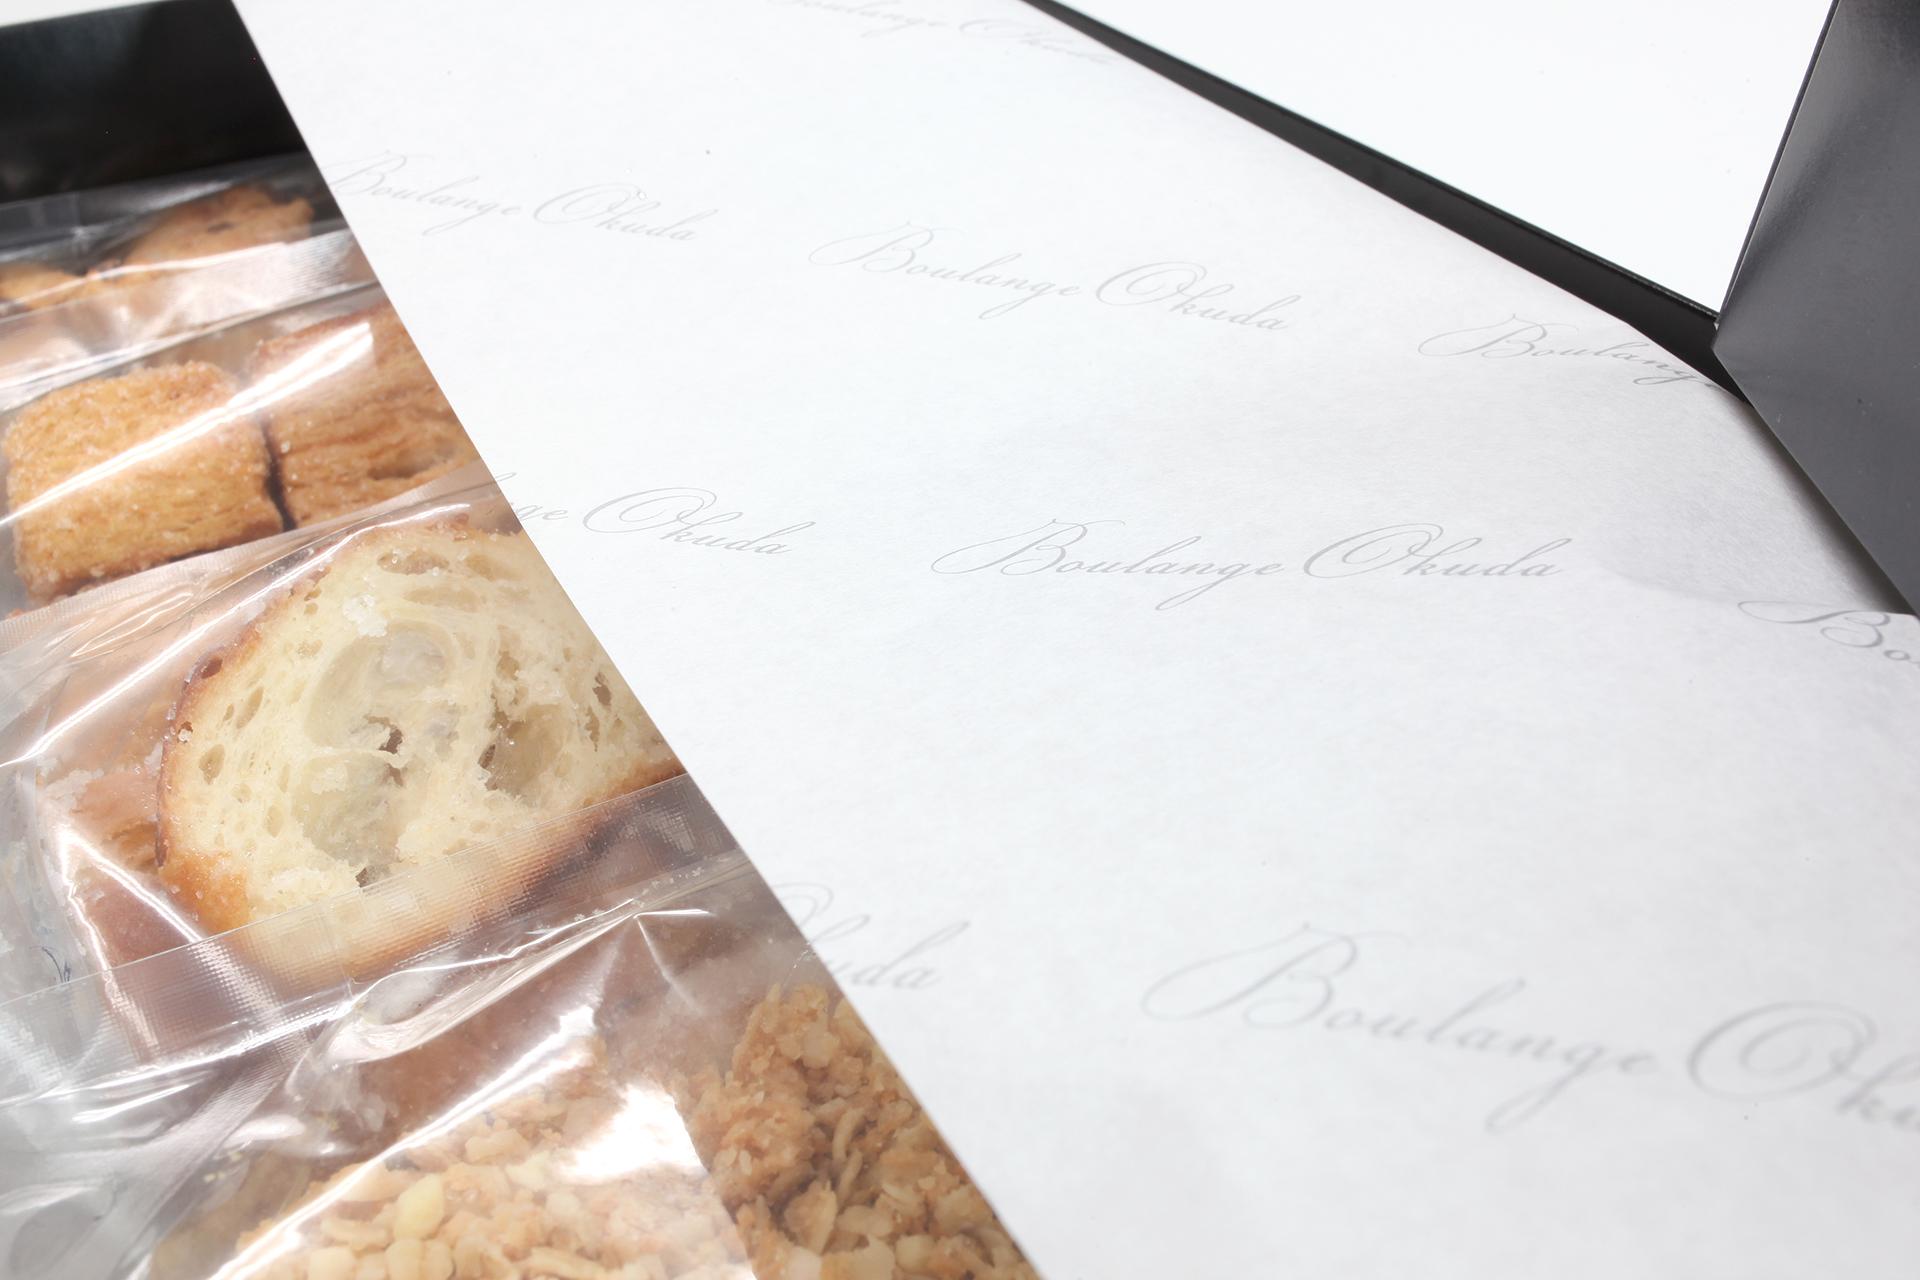 【オリジナルパッケージ 】焼き菓子詰め合わせギフトボックス